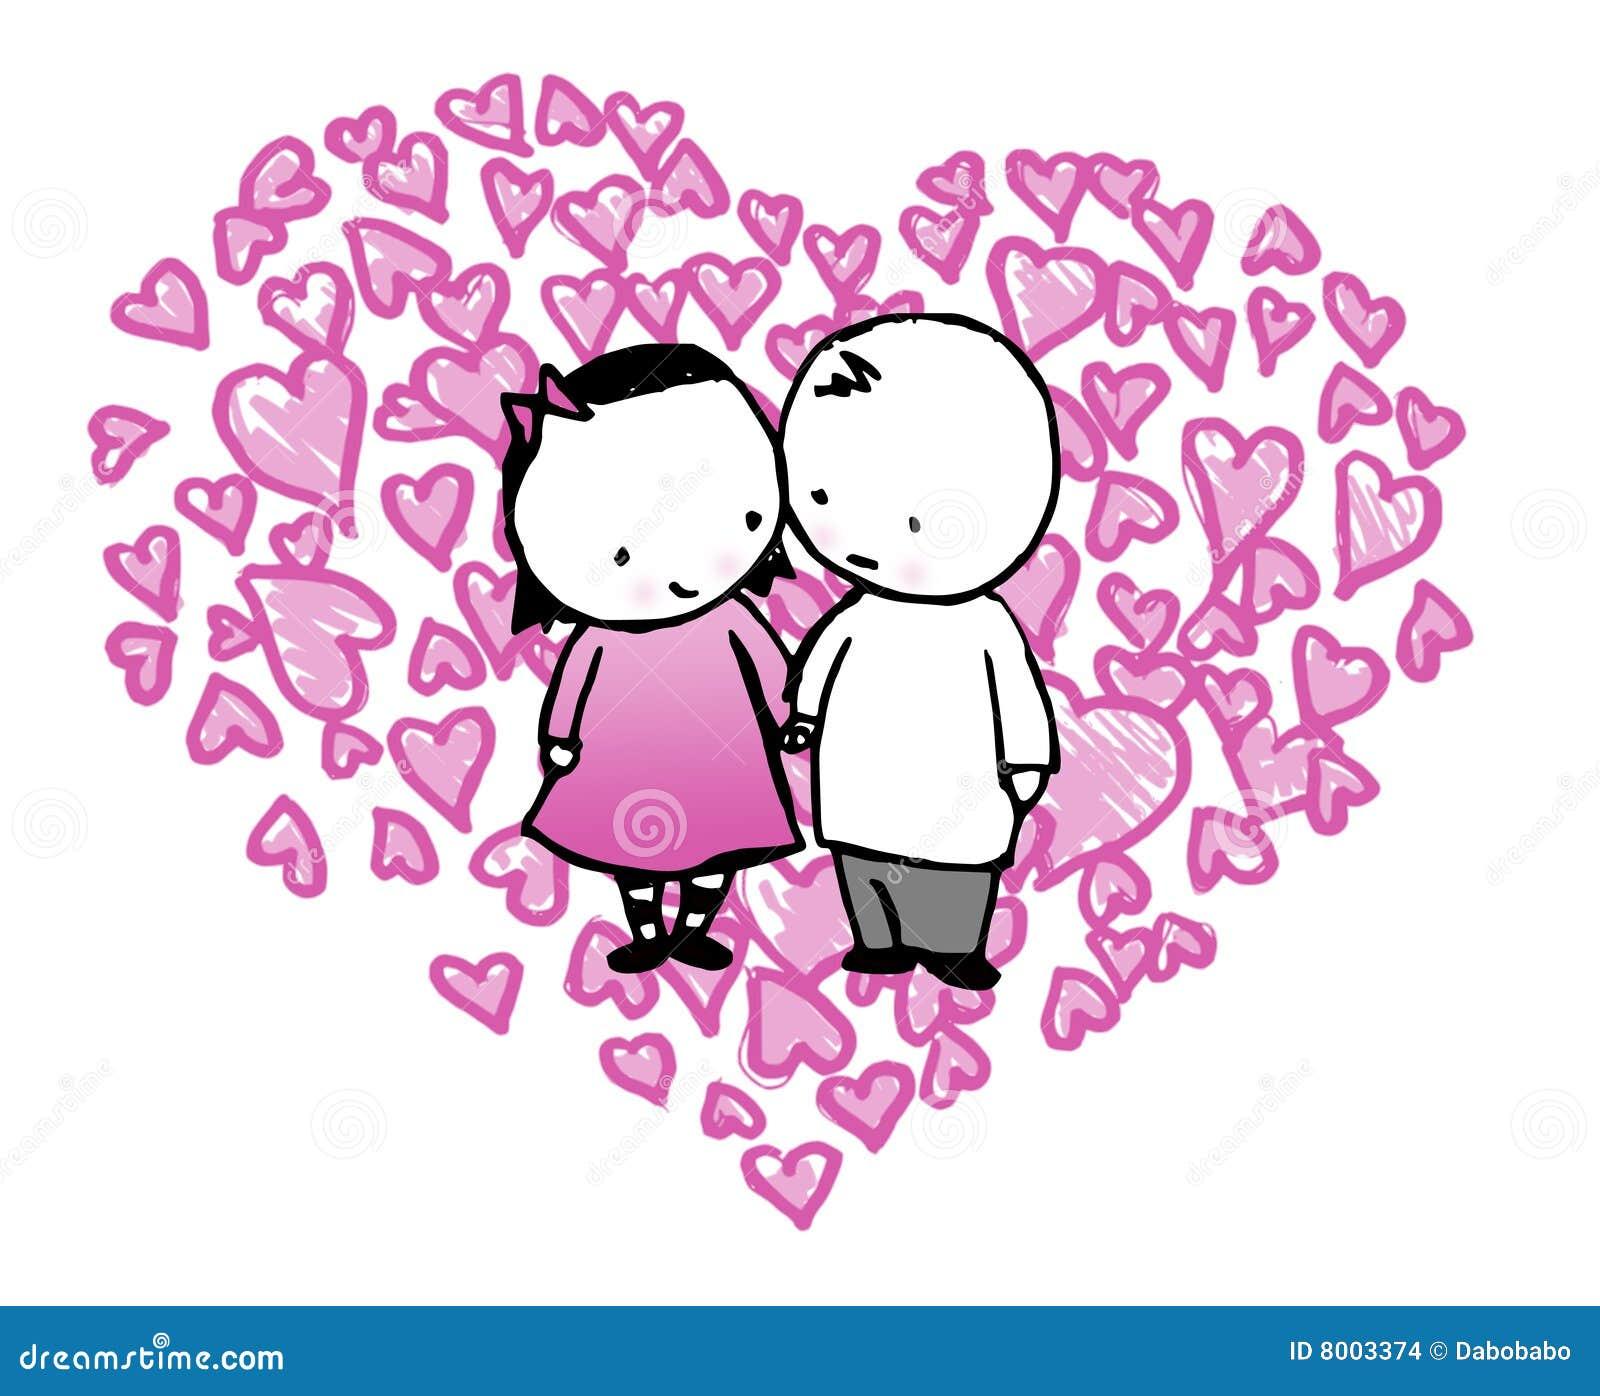 In Love Cartoon: Cartoon Couple In Love Heart Stock Illustration